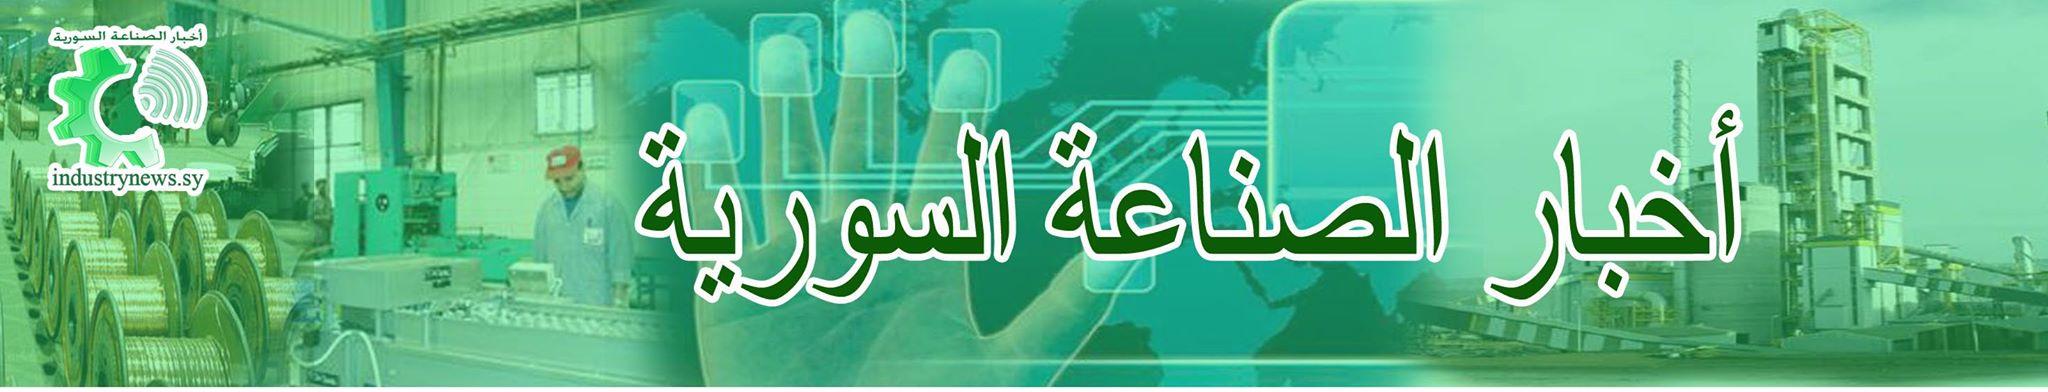 أخبار الصناعة السورية